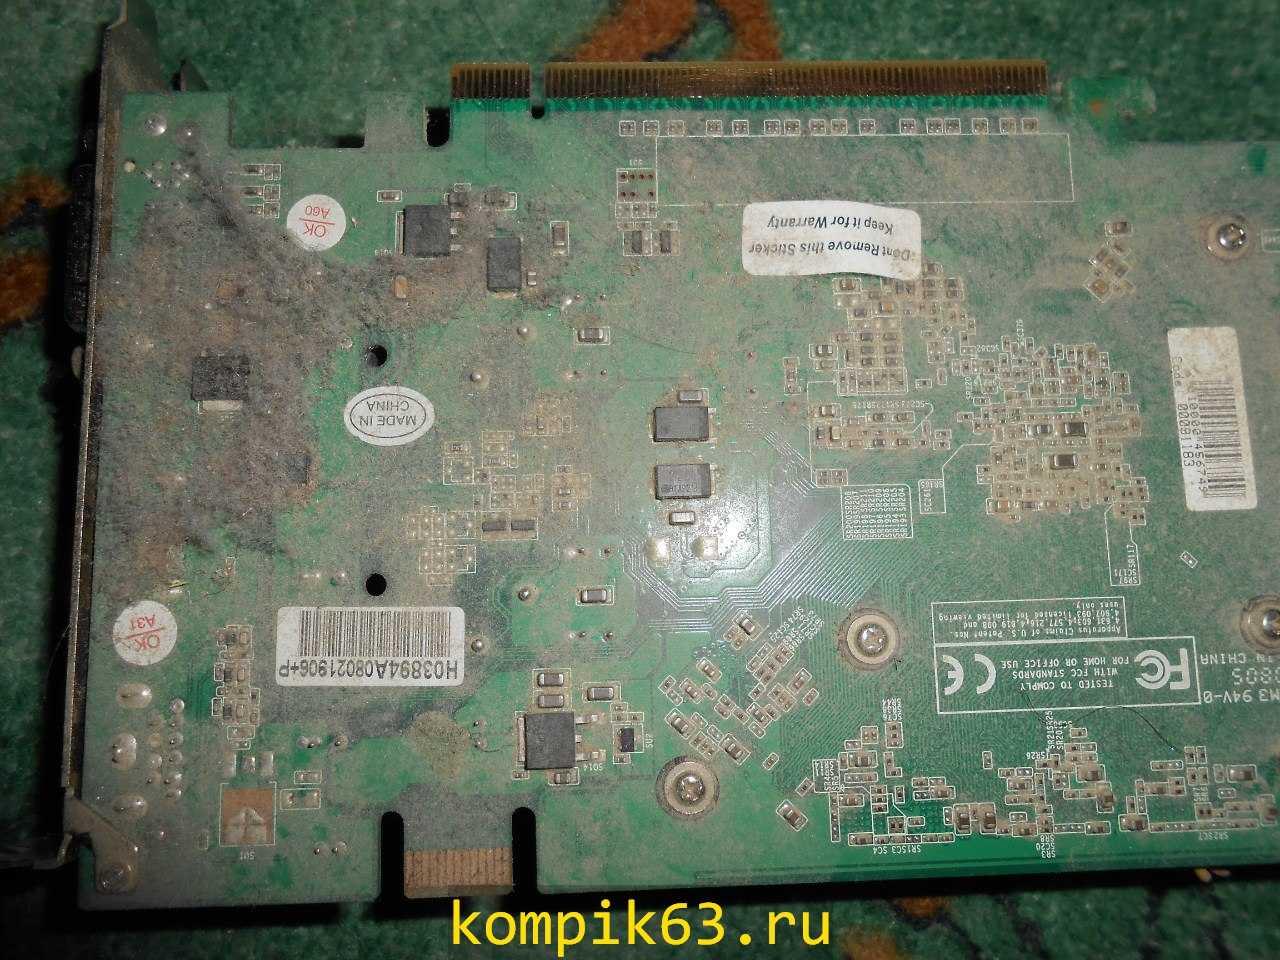 kompik63.ru-176